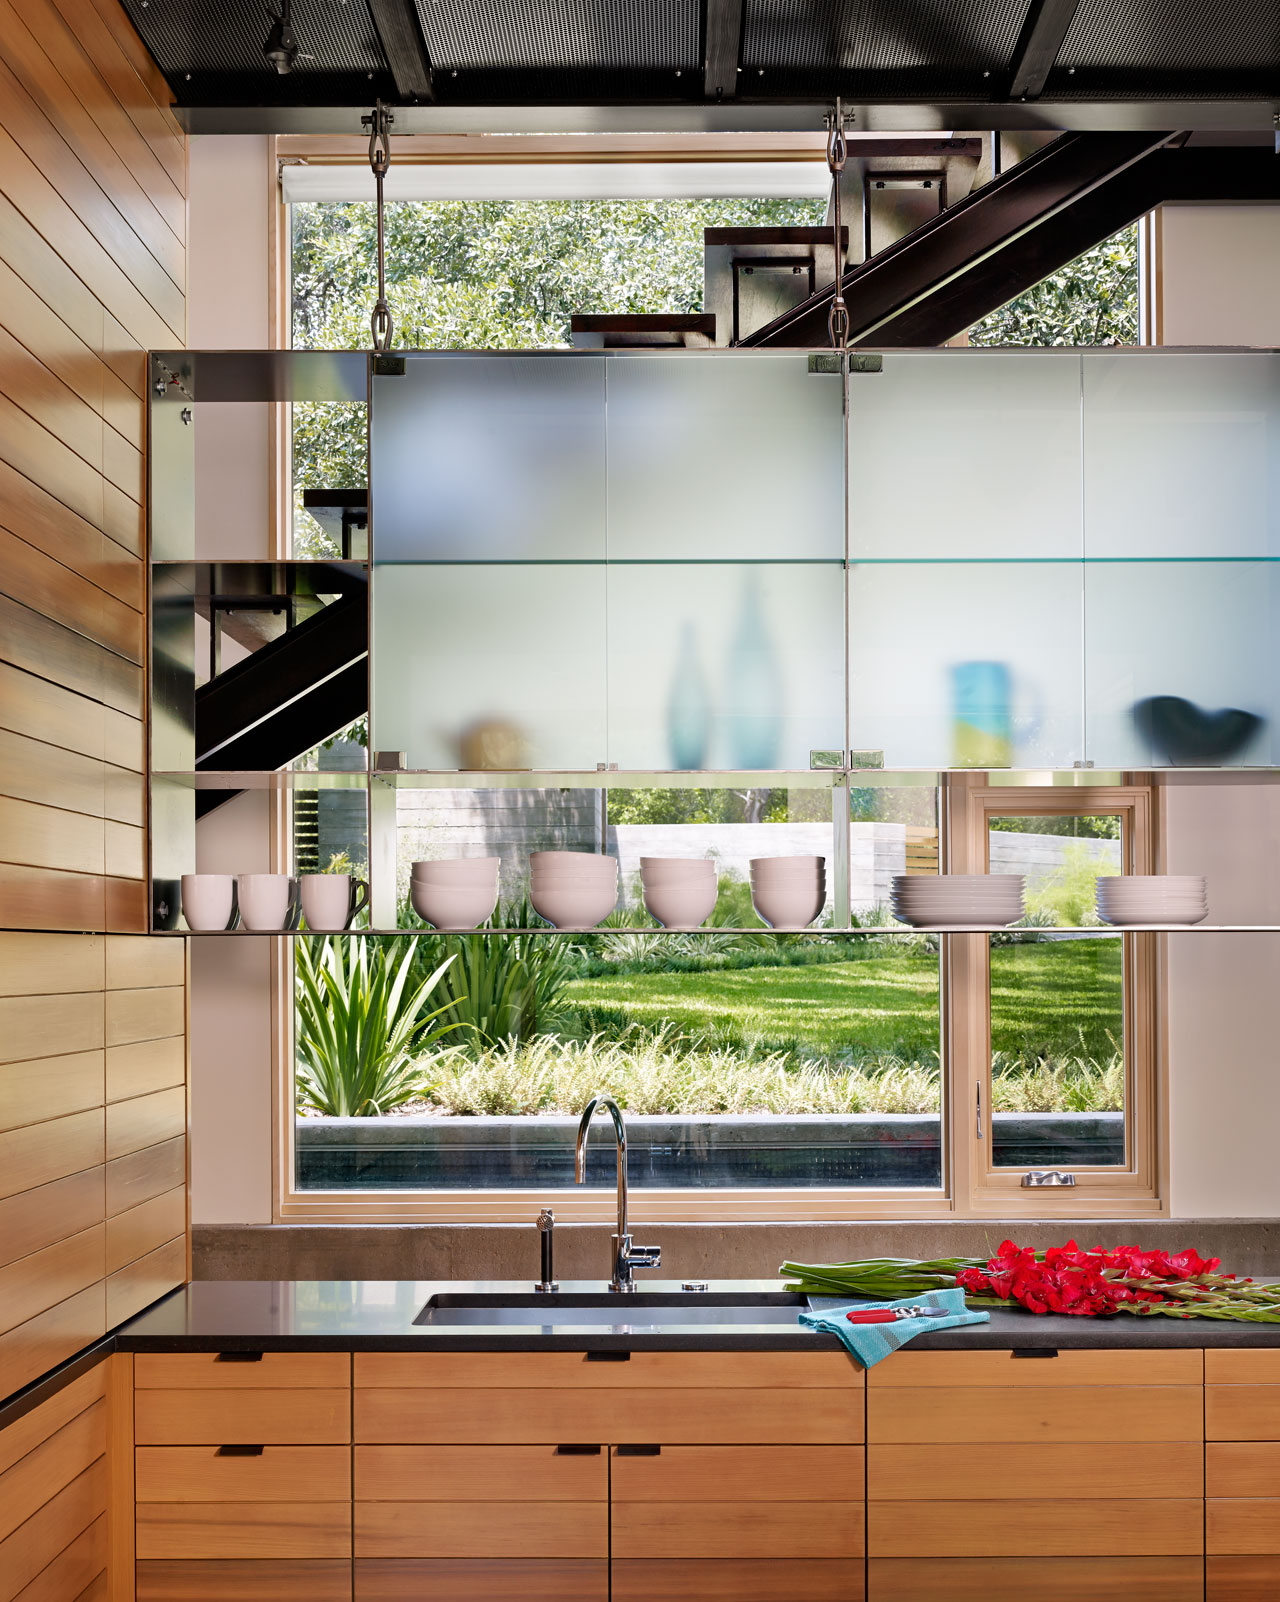 kitchendetail87618.jpg